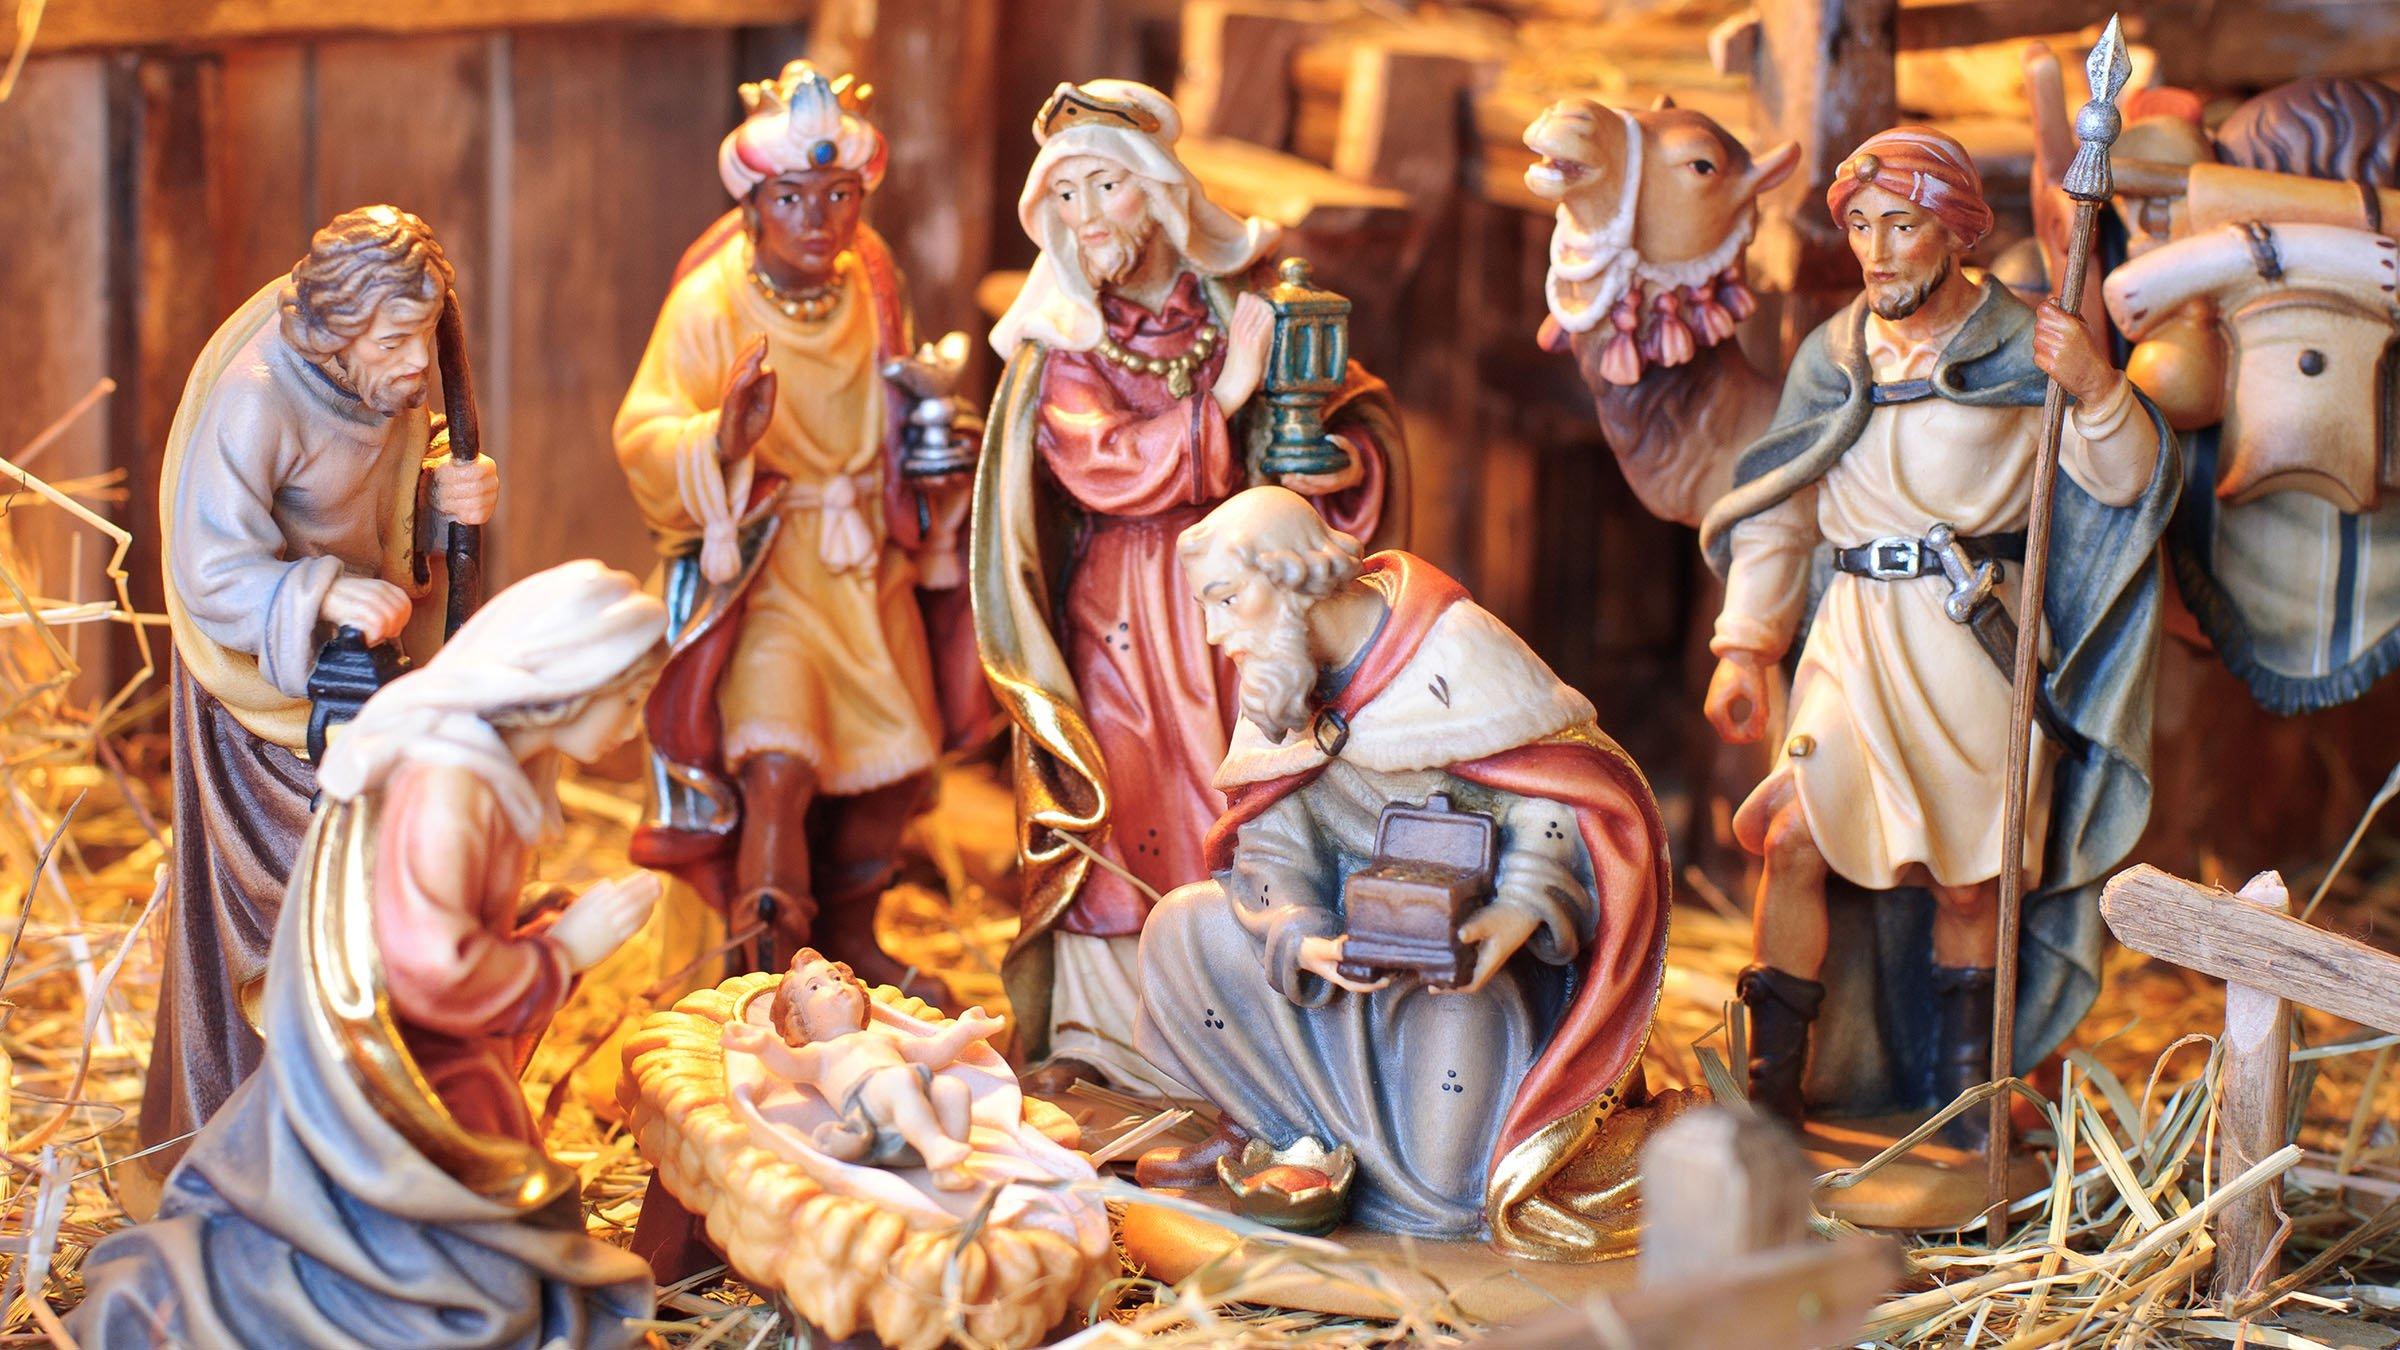 Tradiciones navide as en m xico - Costumbres navidenas en alemania ...